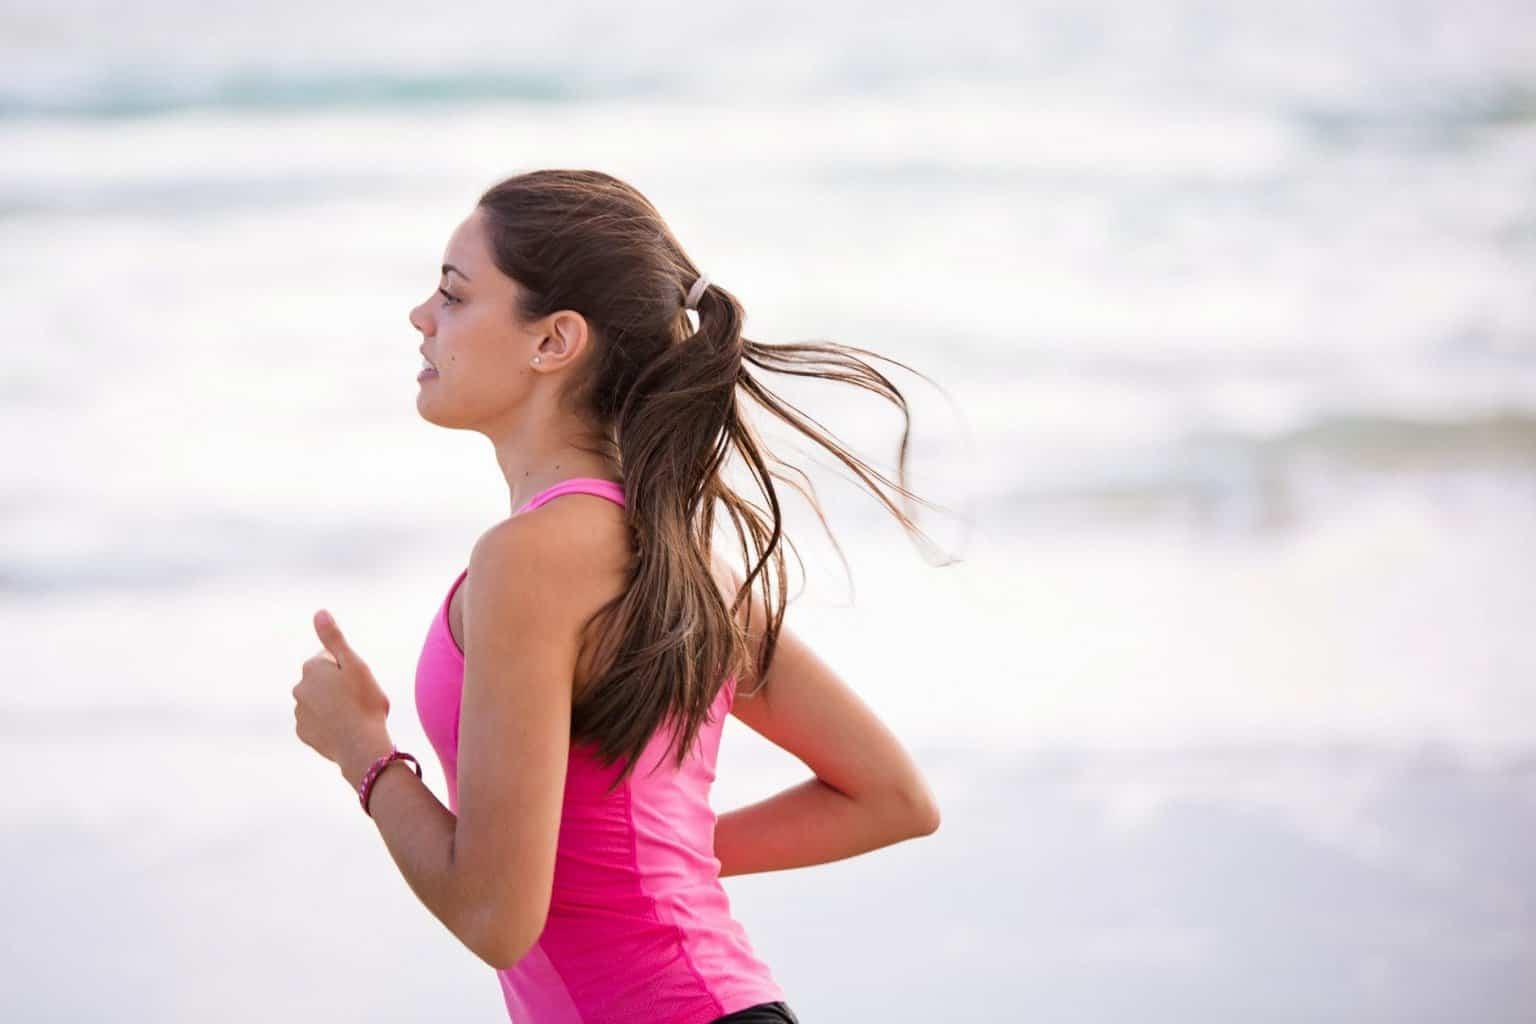 Что лучше для похудения: бег или прыжки со скакалкой? Вот что говорят эксперты